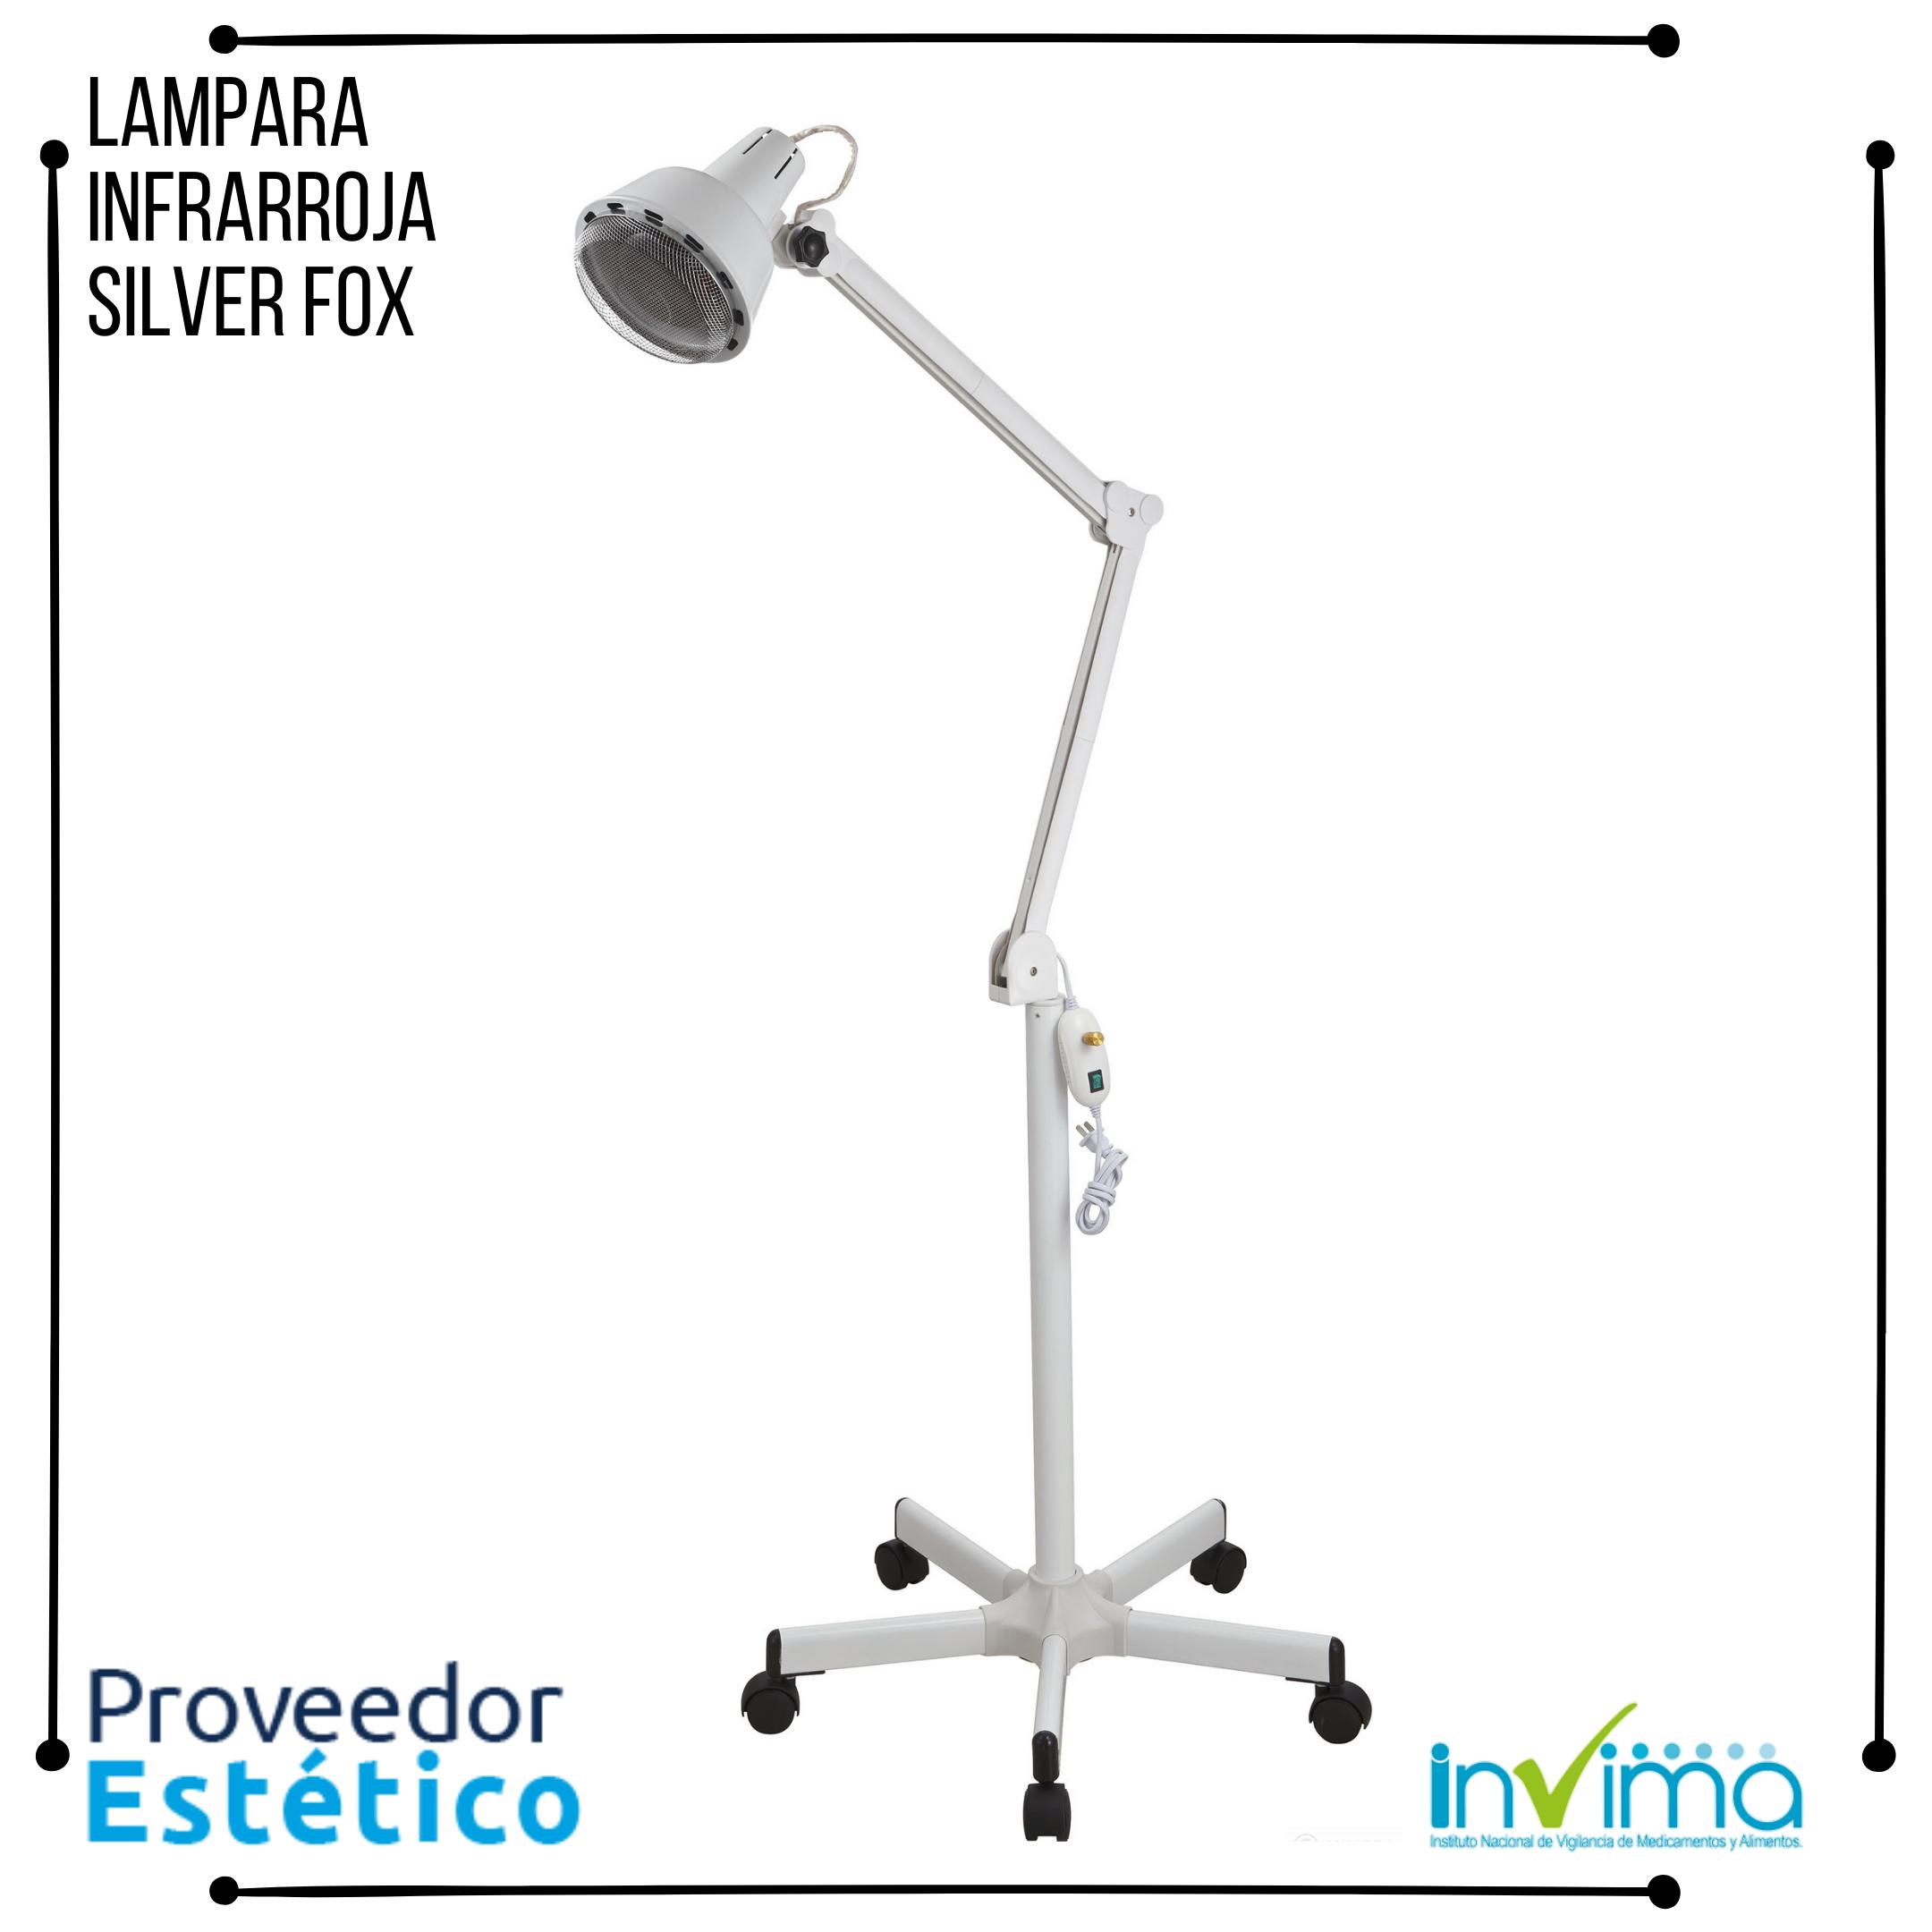 Lampara Infrarroja Silver Fox 1003